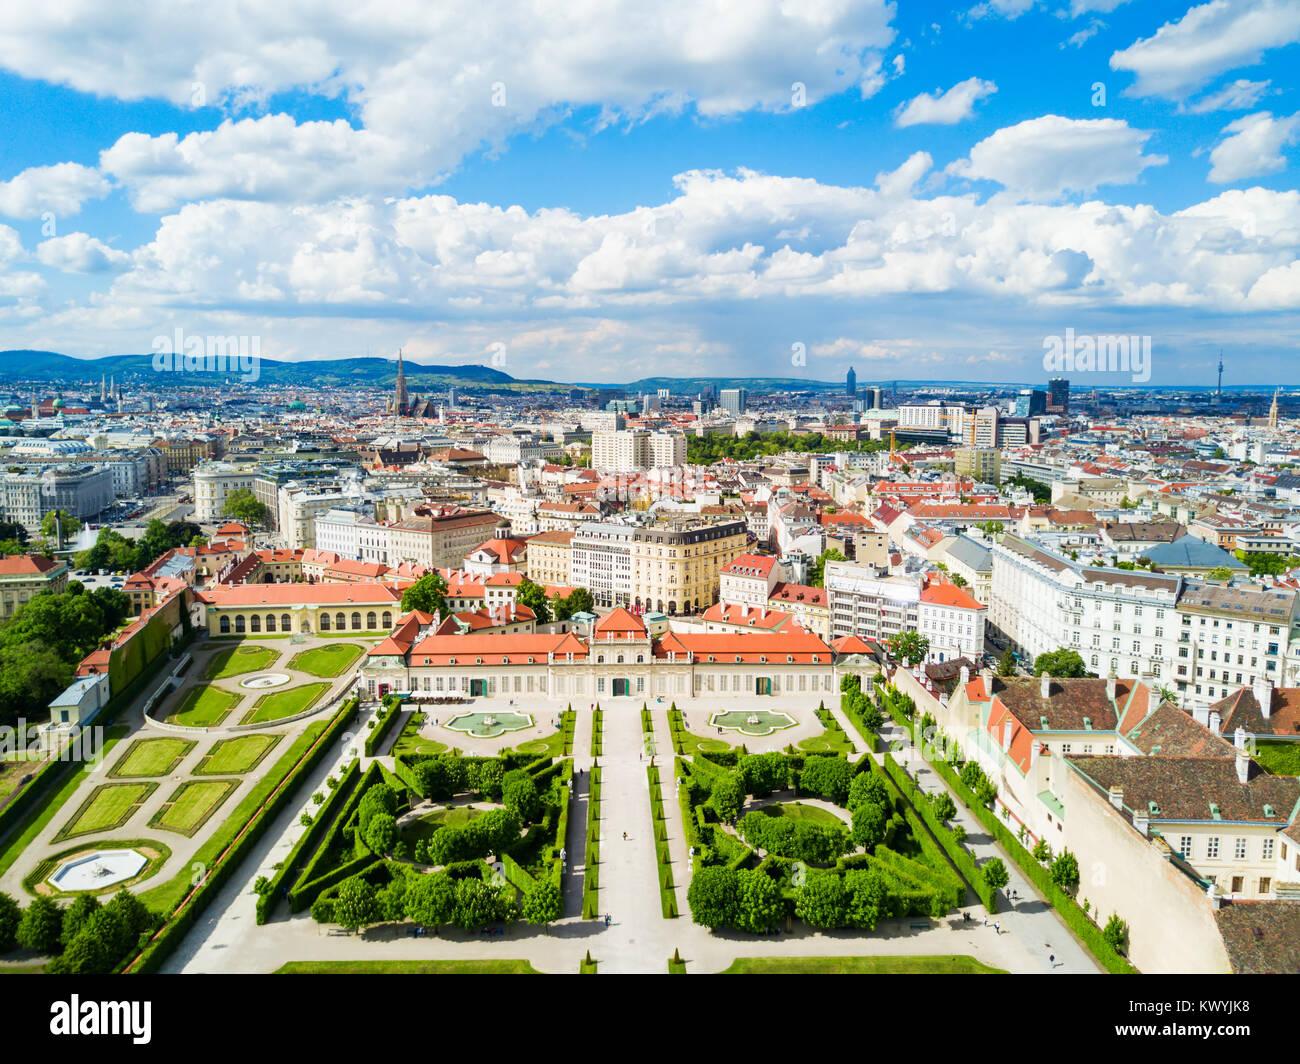 Il Palazzo del Belvedere antenna vista panoramica. Il Palazzo del Belvedere è un edificio storico complesso Immagini Stock